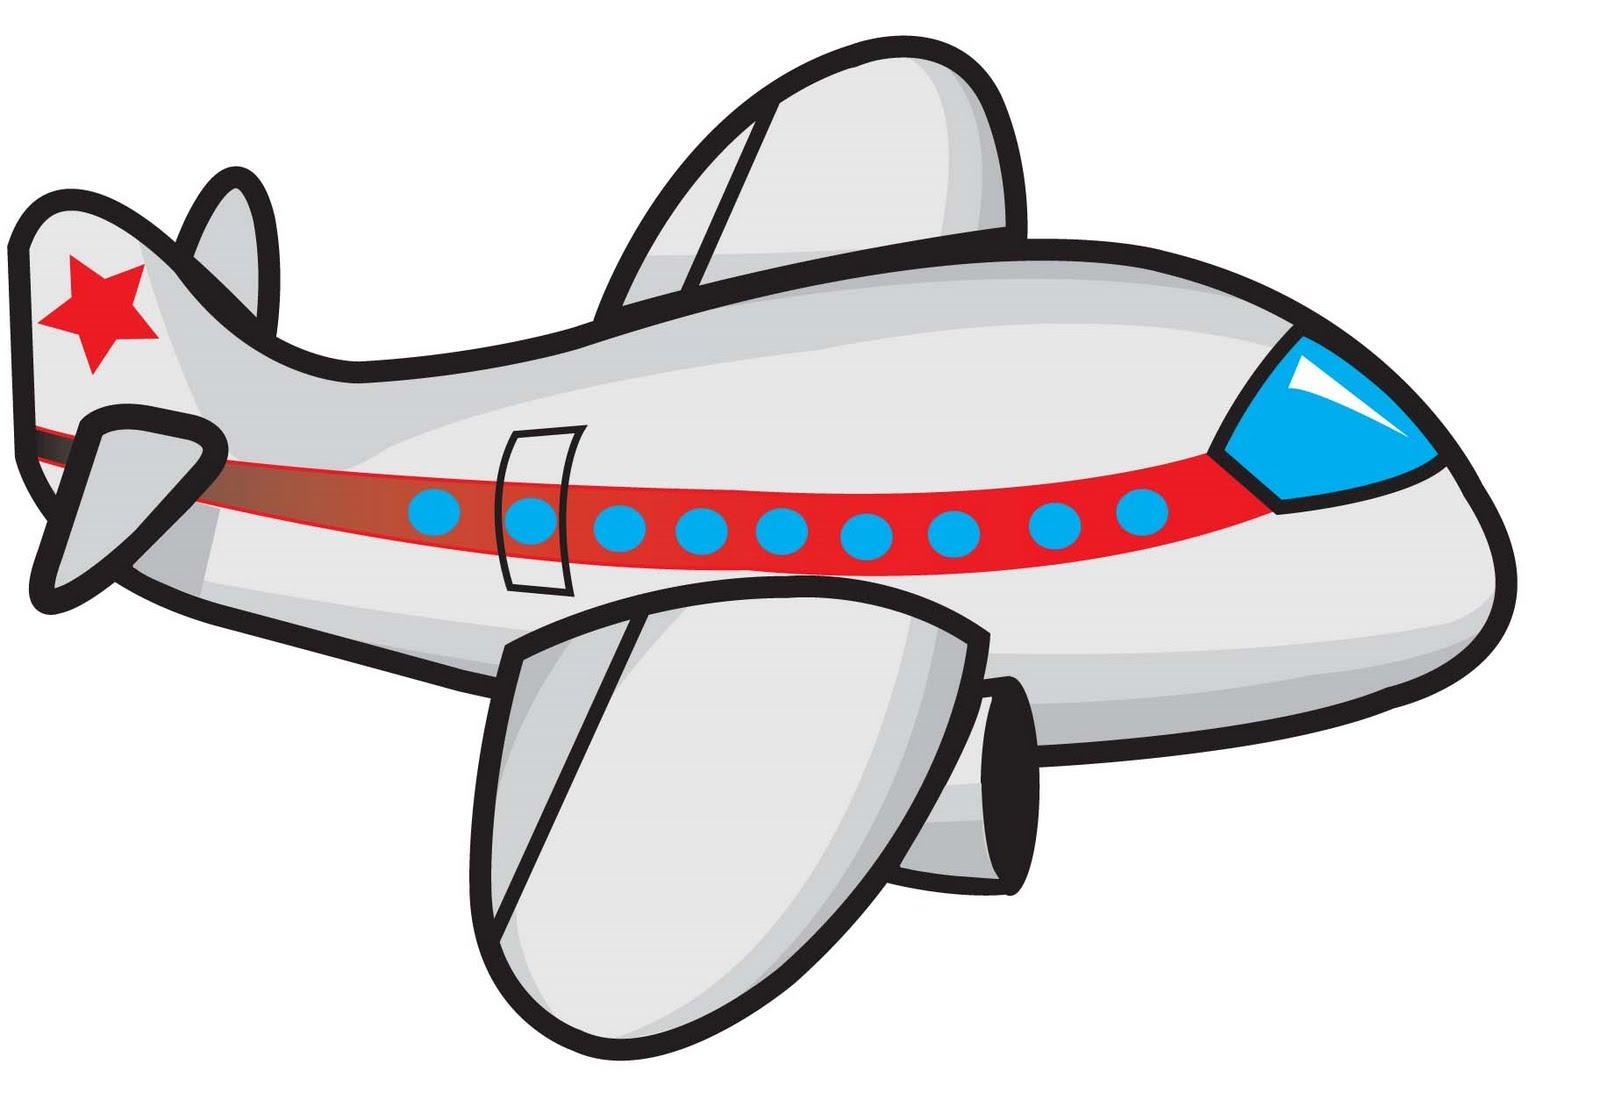 1600x1100 Cartoon Airplane Clipart